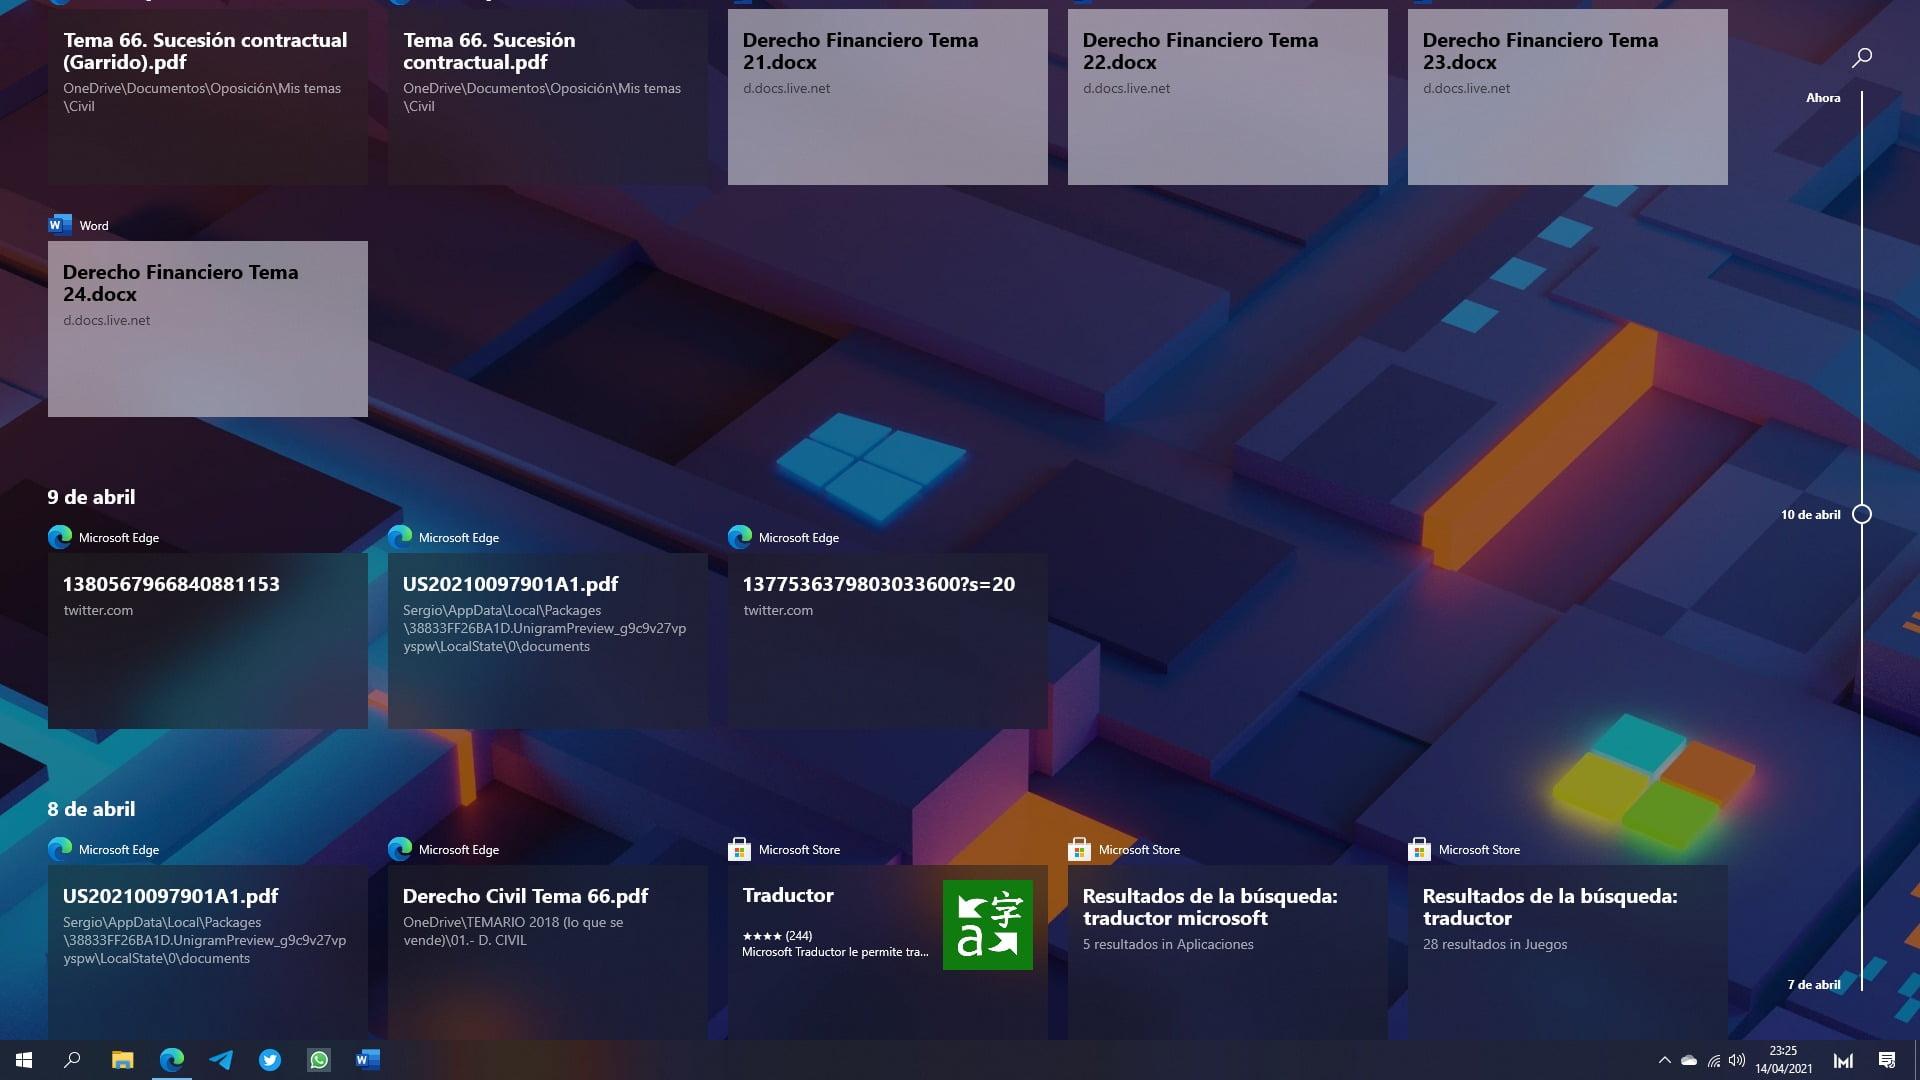 Windows 10 Sun Valley será el fin de Timeline tal y como lo conocemos